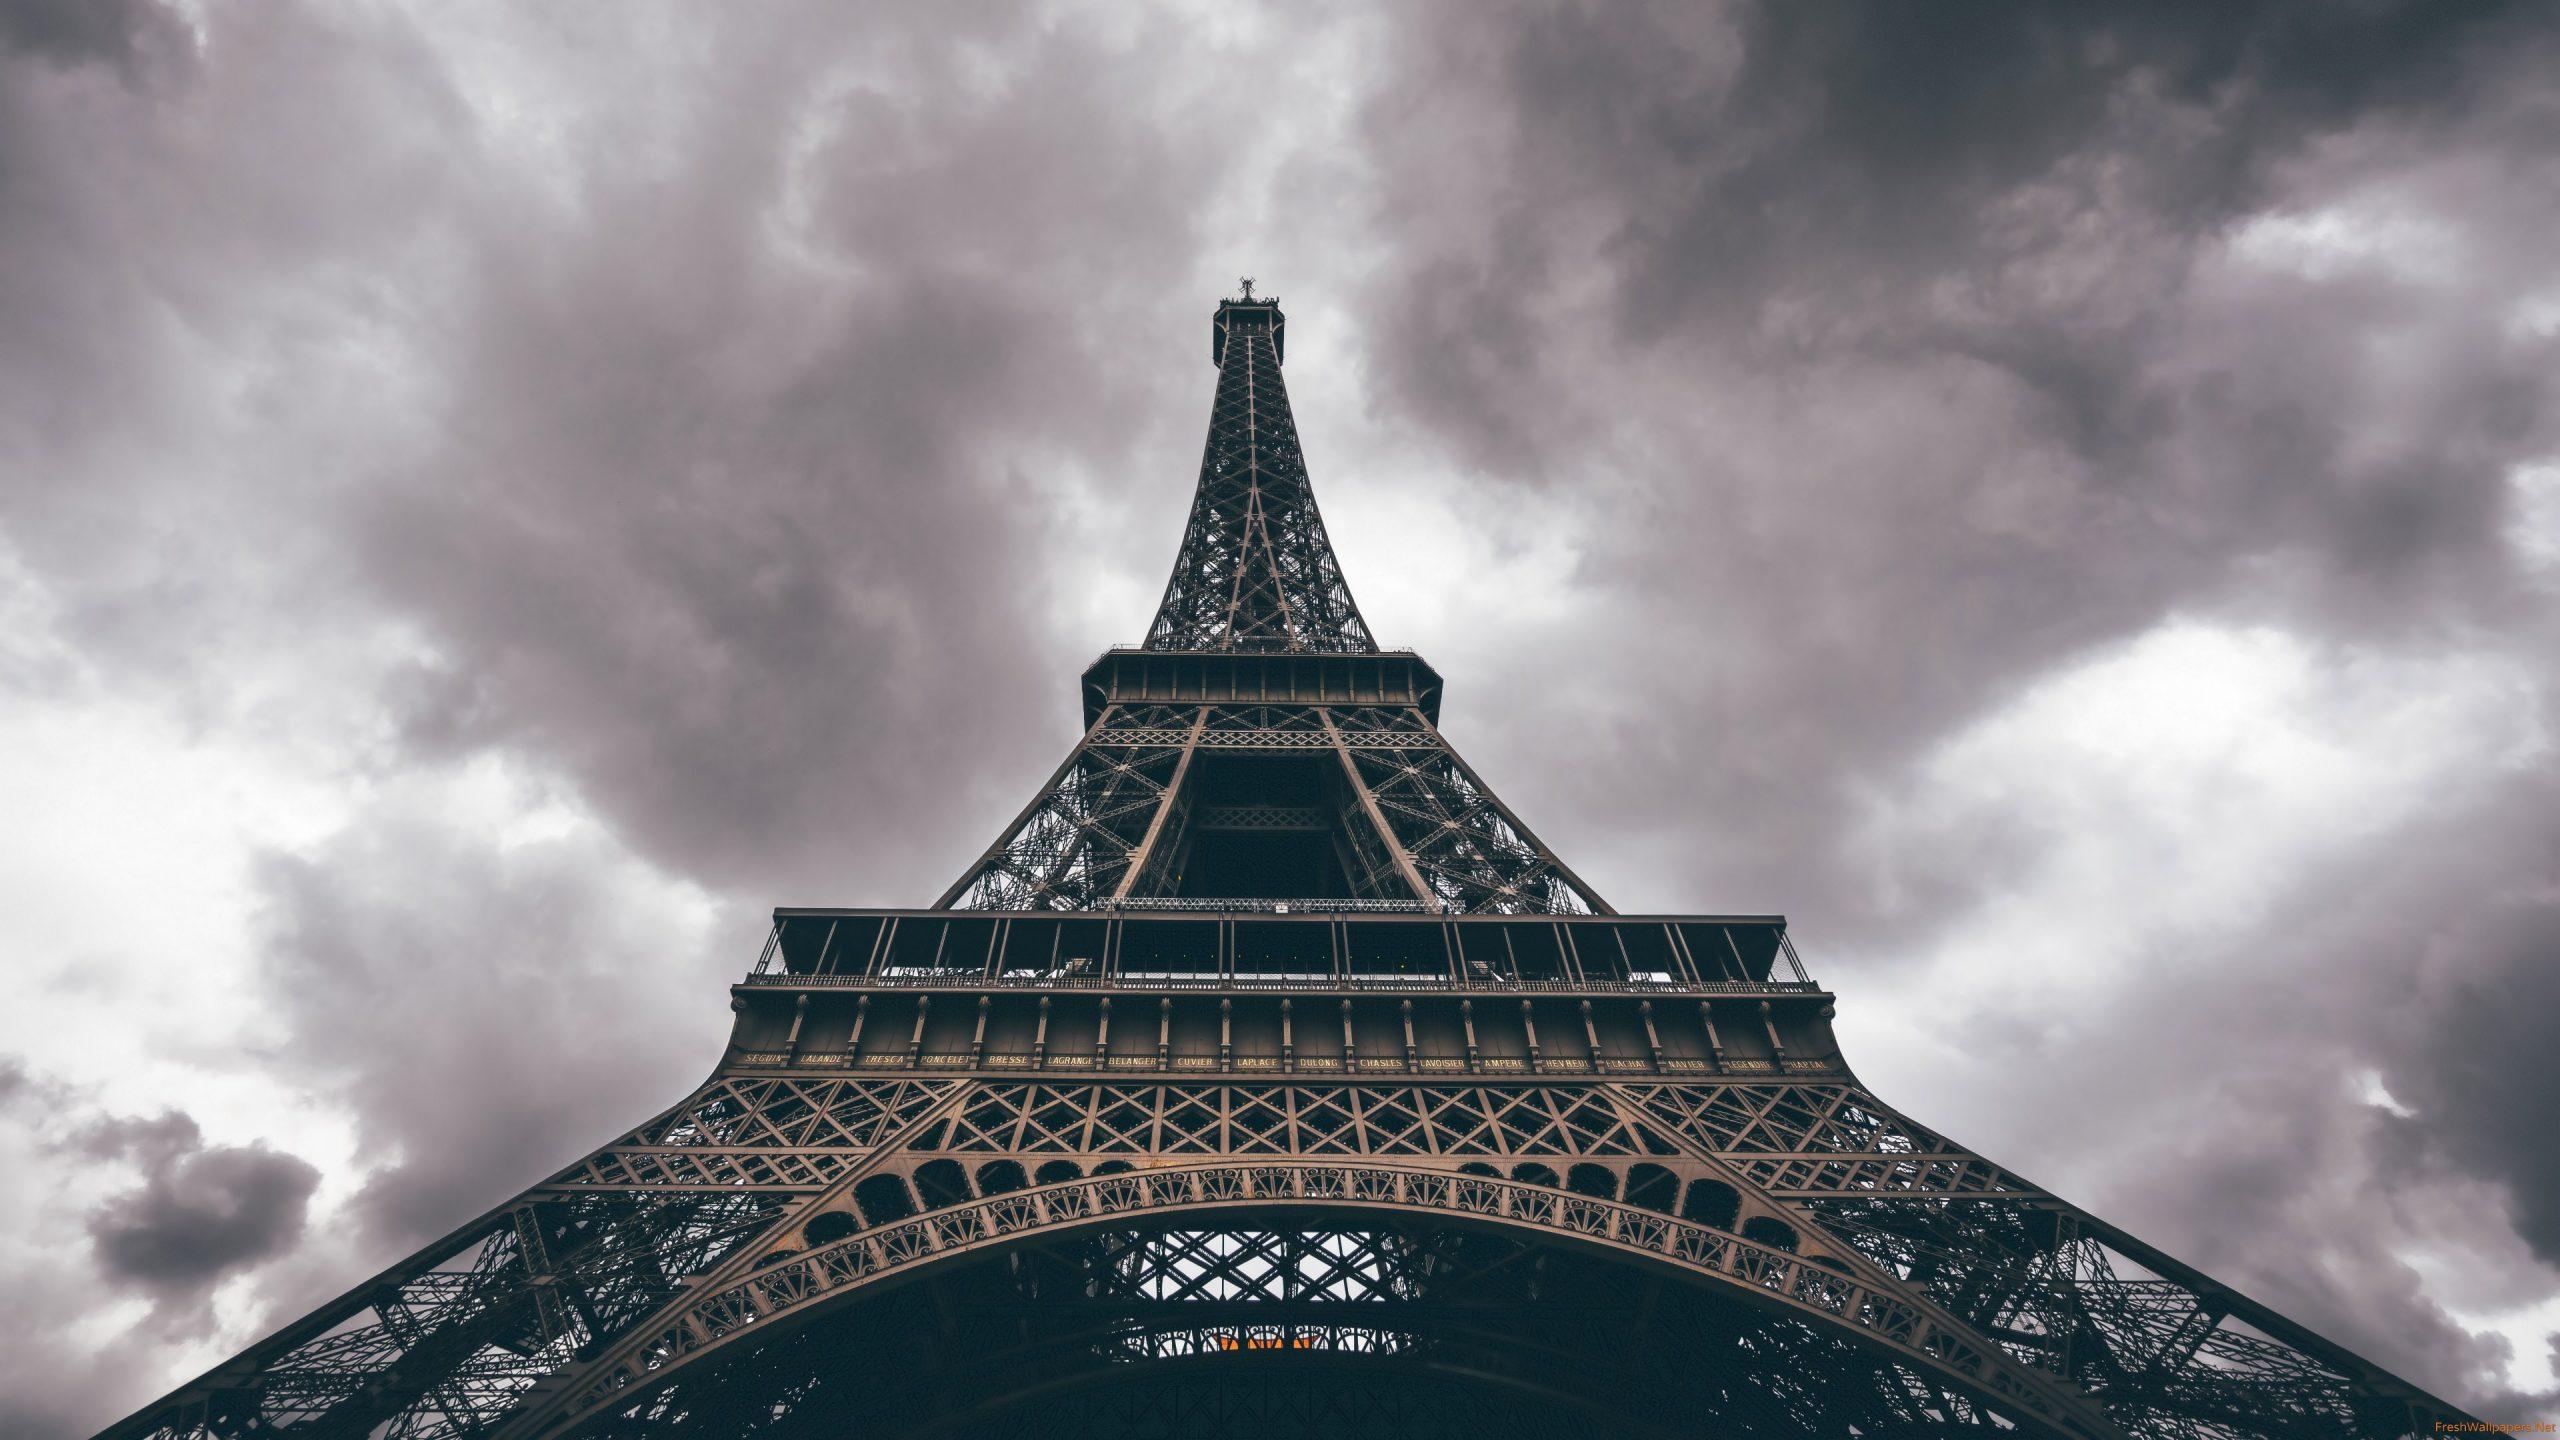 Eiffel Tower Bahria Town Karachi